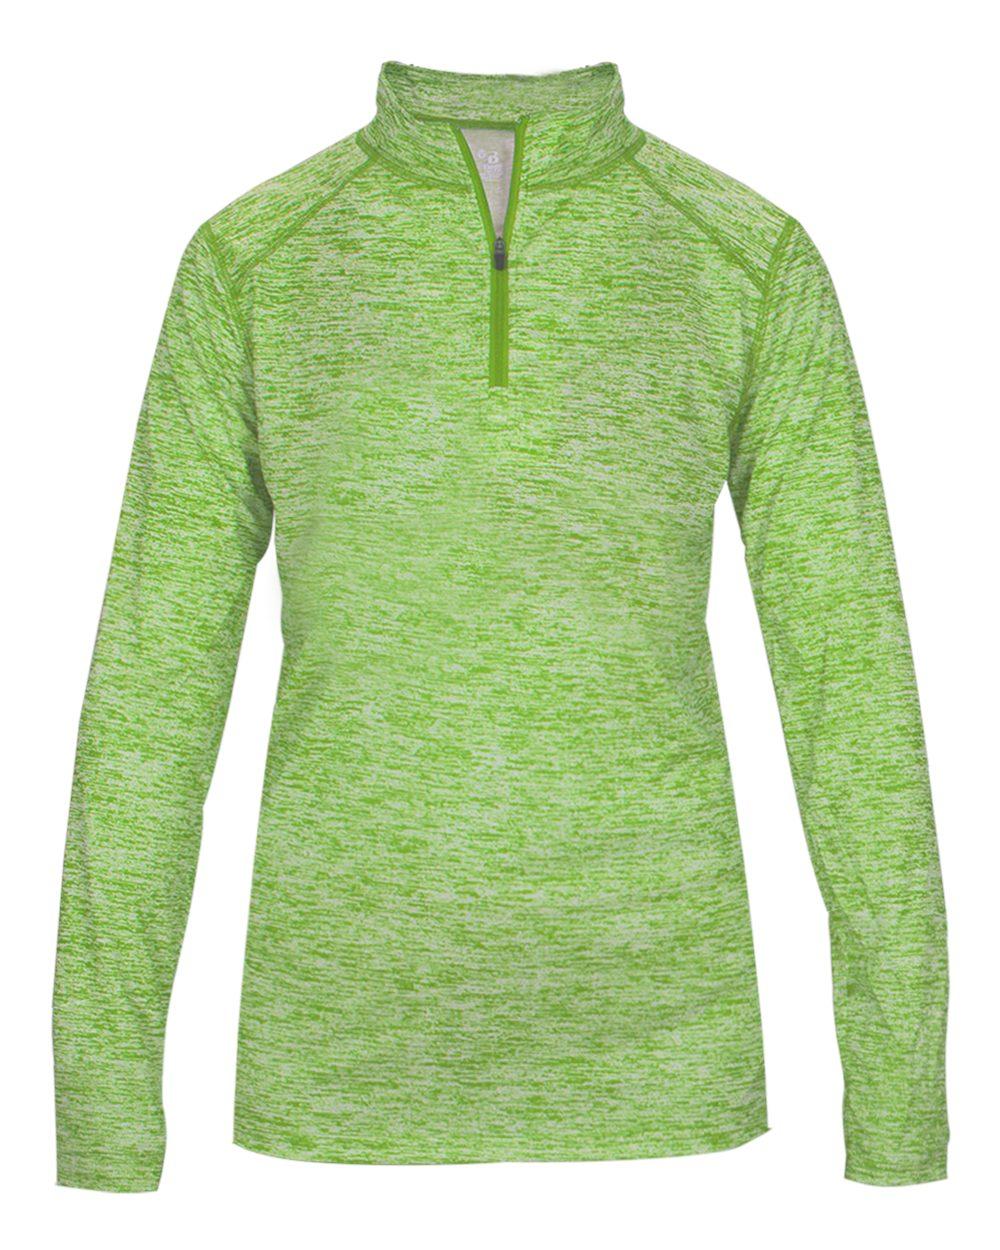 Blend Women's 1/4 Zip - Lime Blend